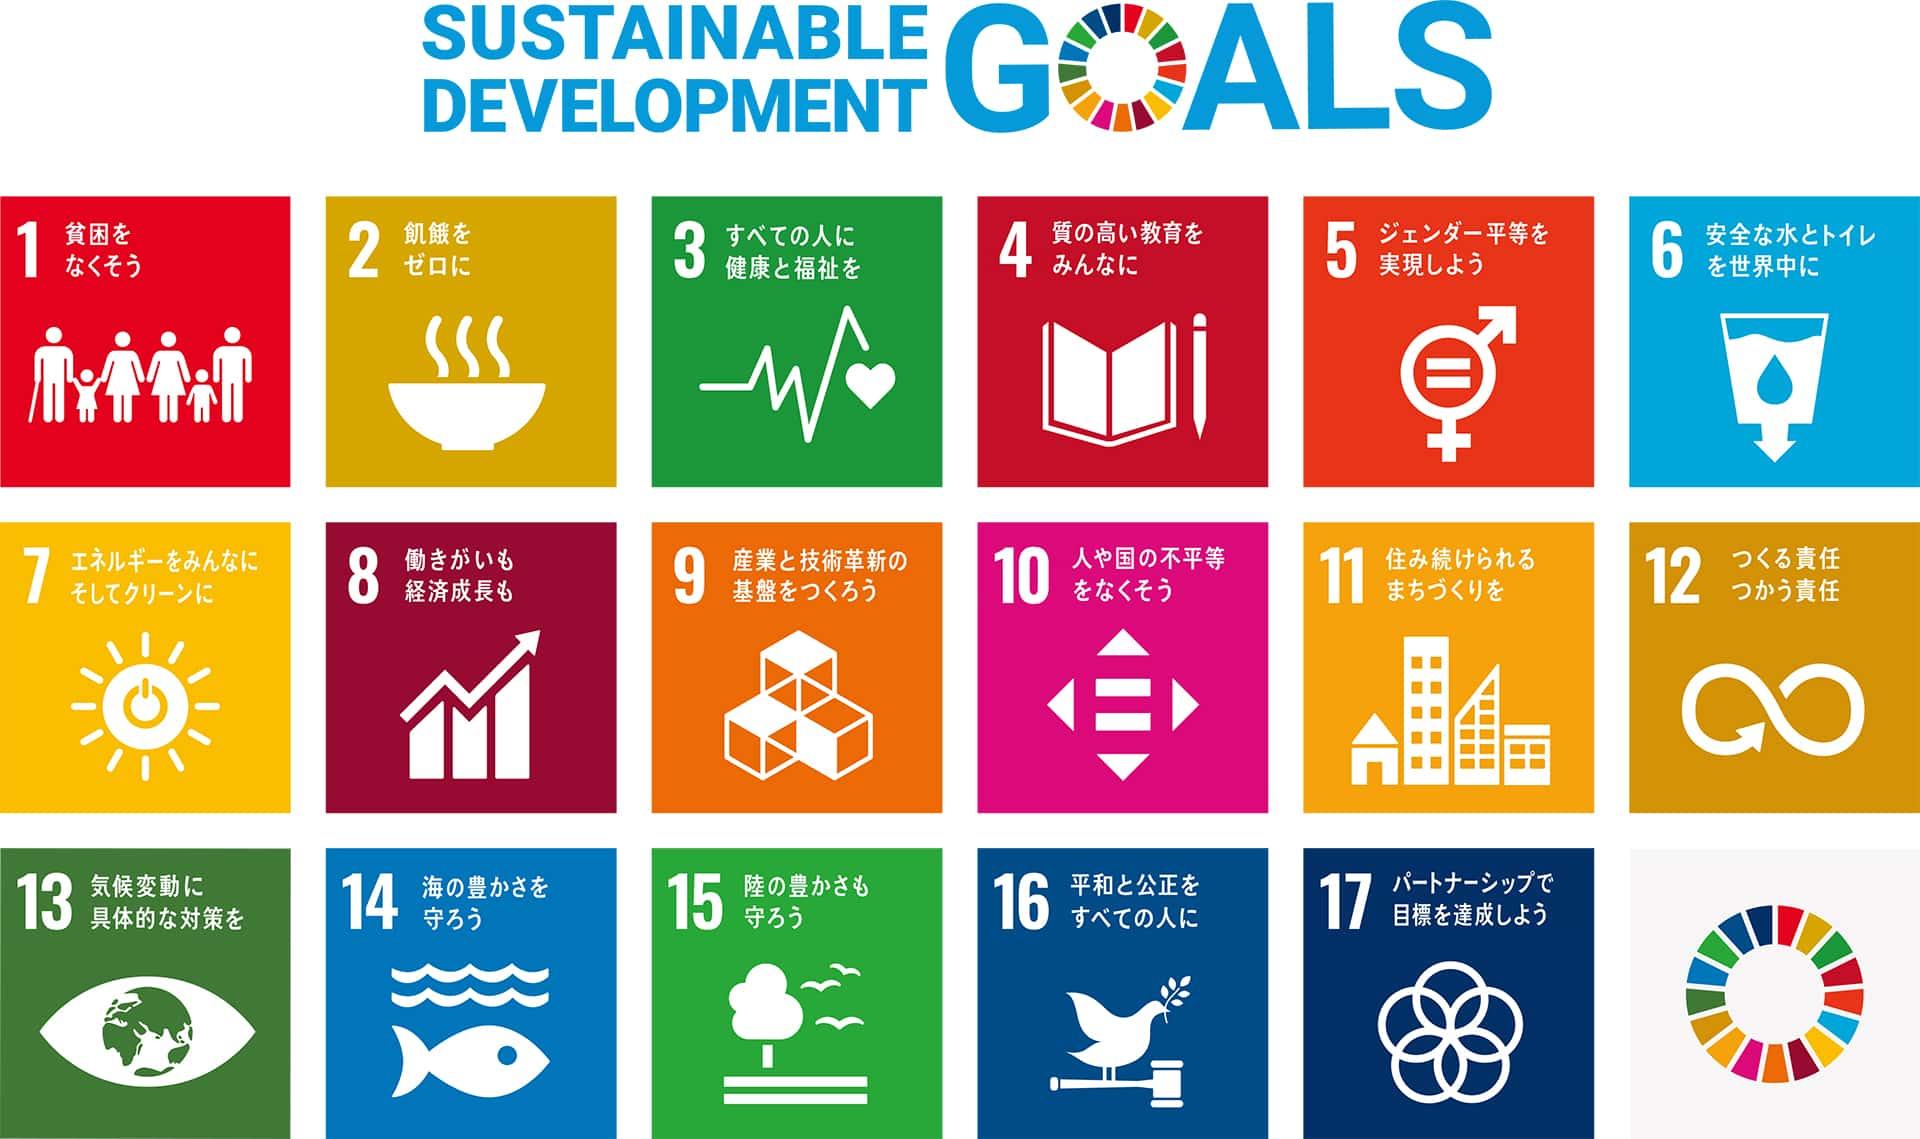 Sustainable Development Goals=「持続可能な開発目標」